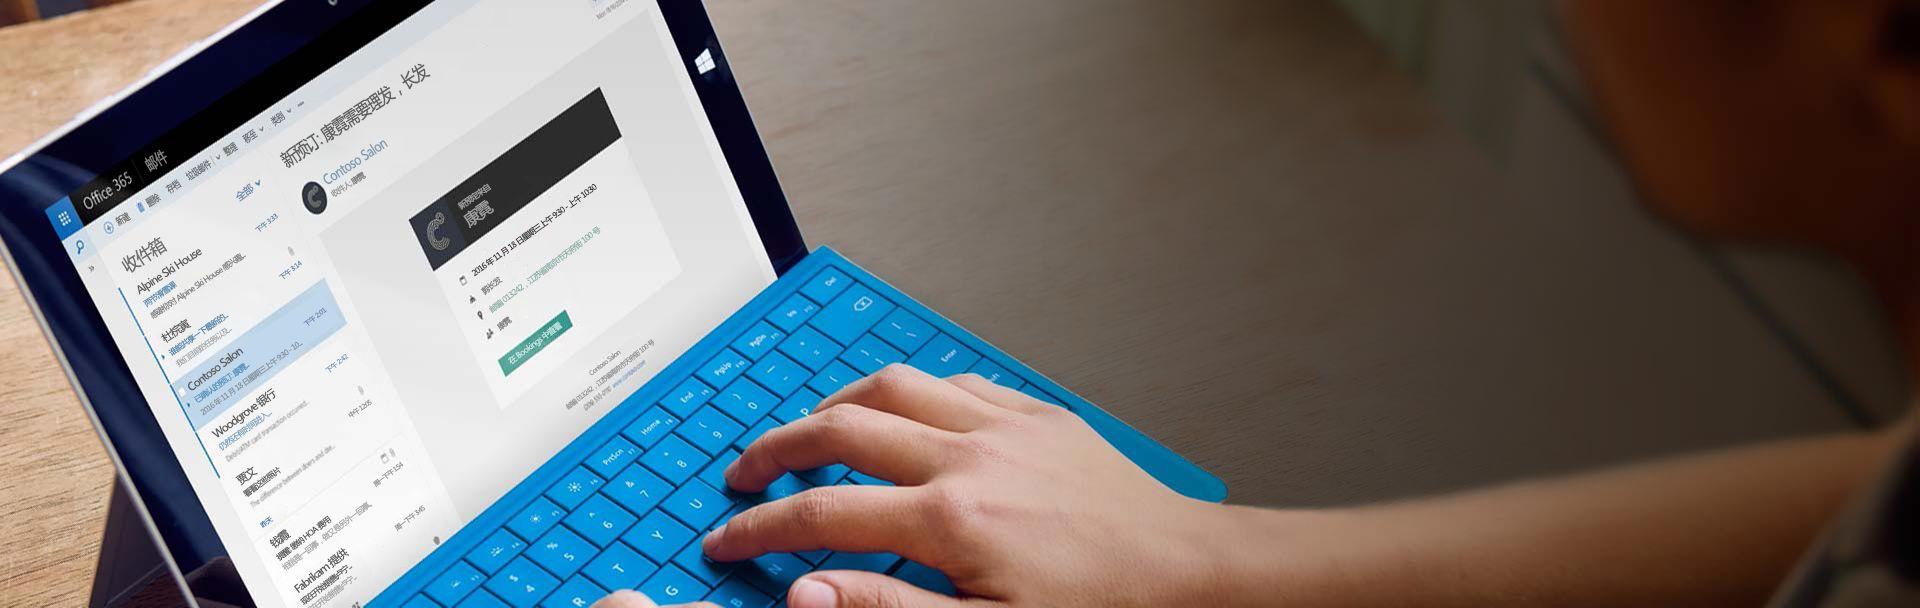 显示电子邮件中 Office 365 Bookings 预约提醒的平板电脑。